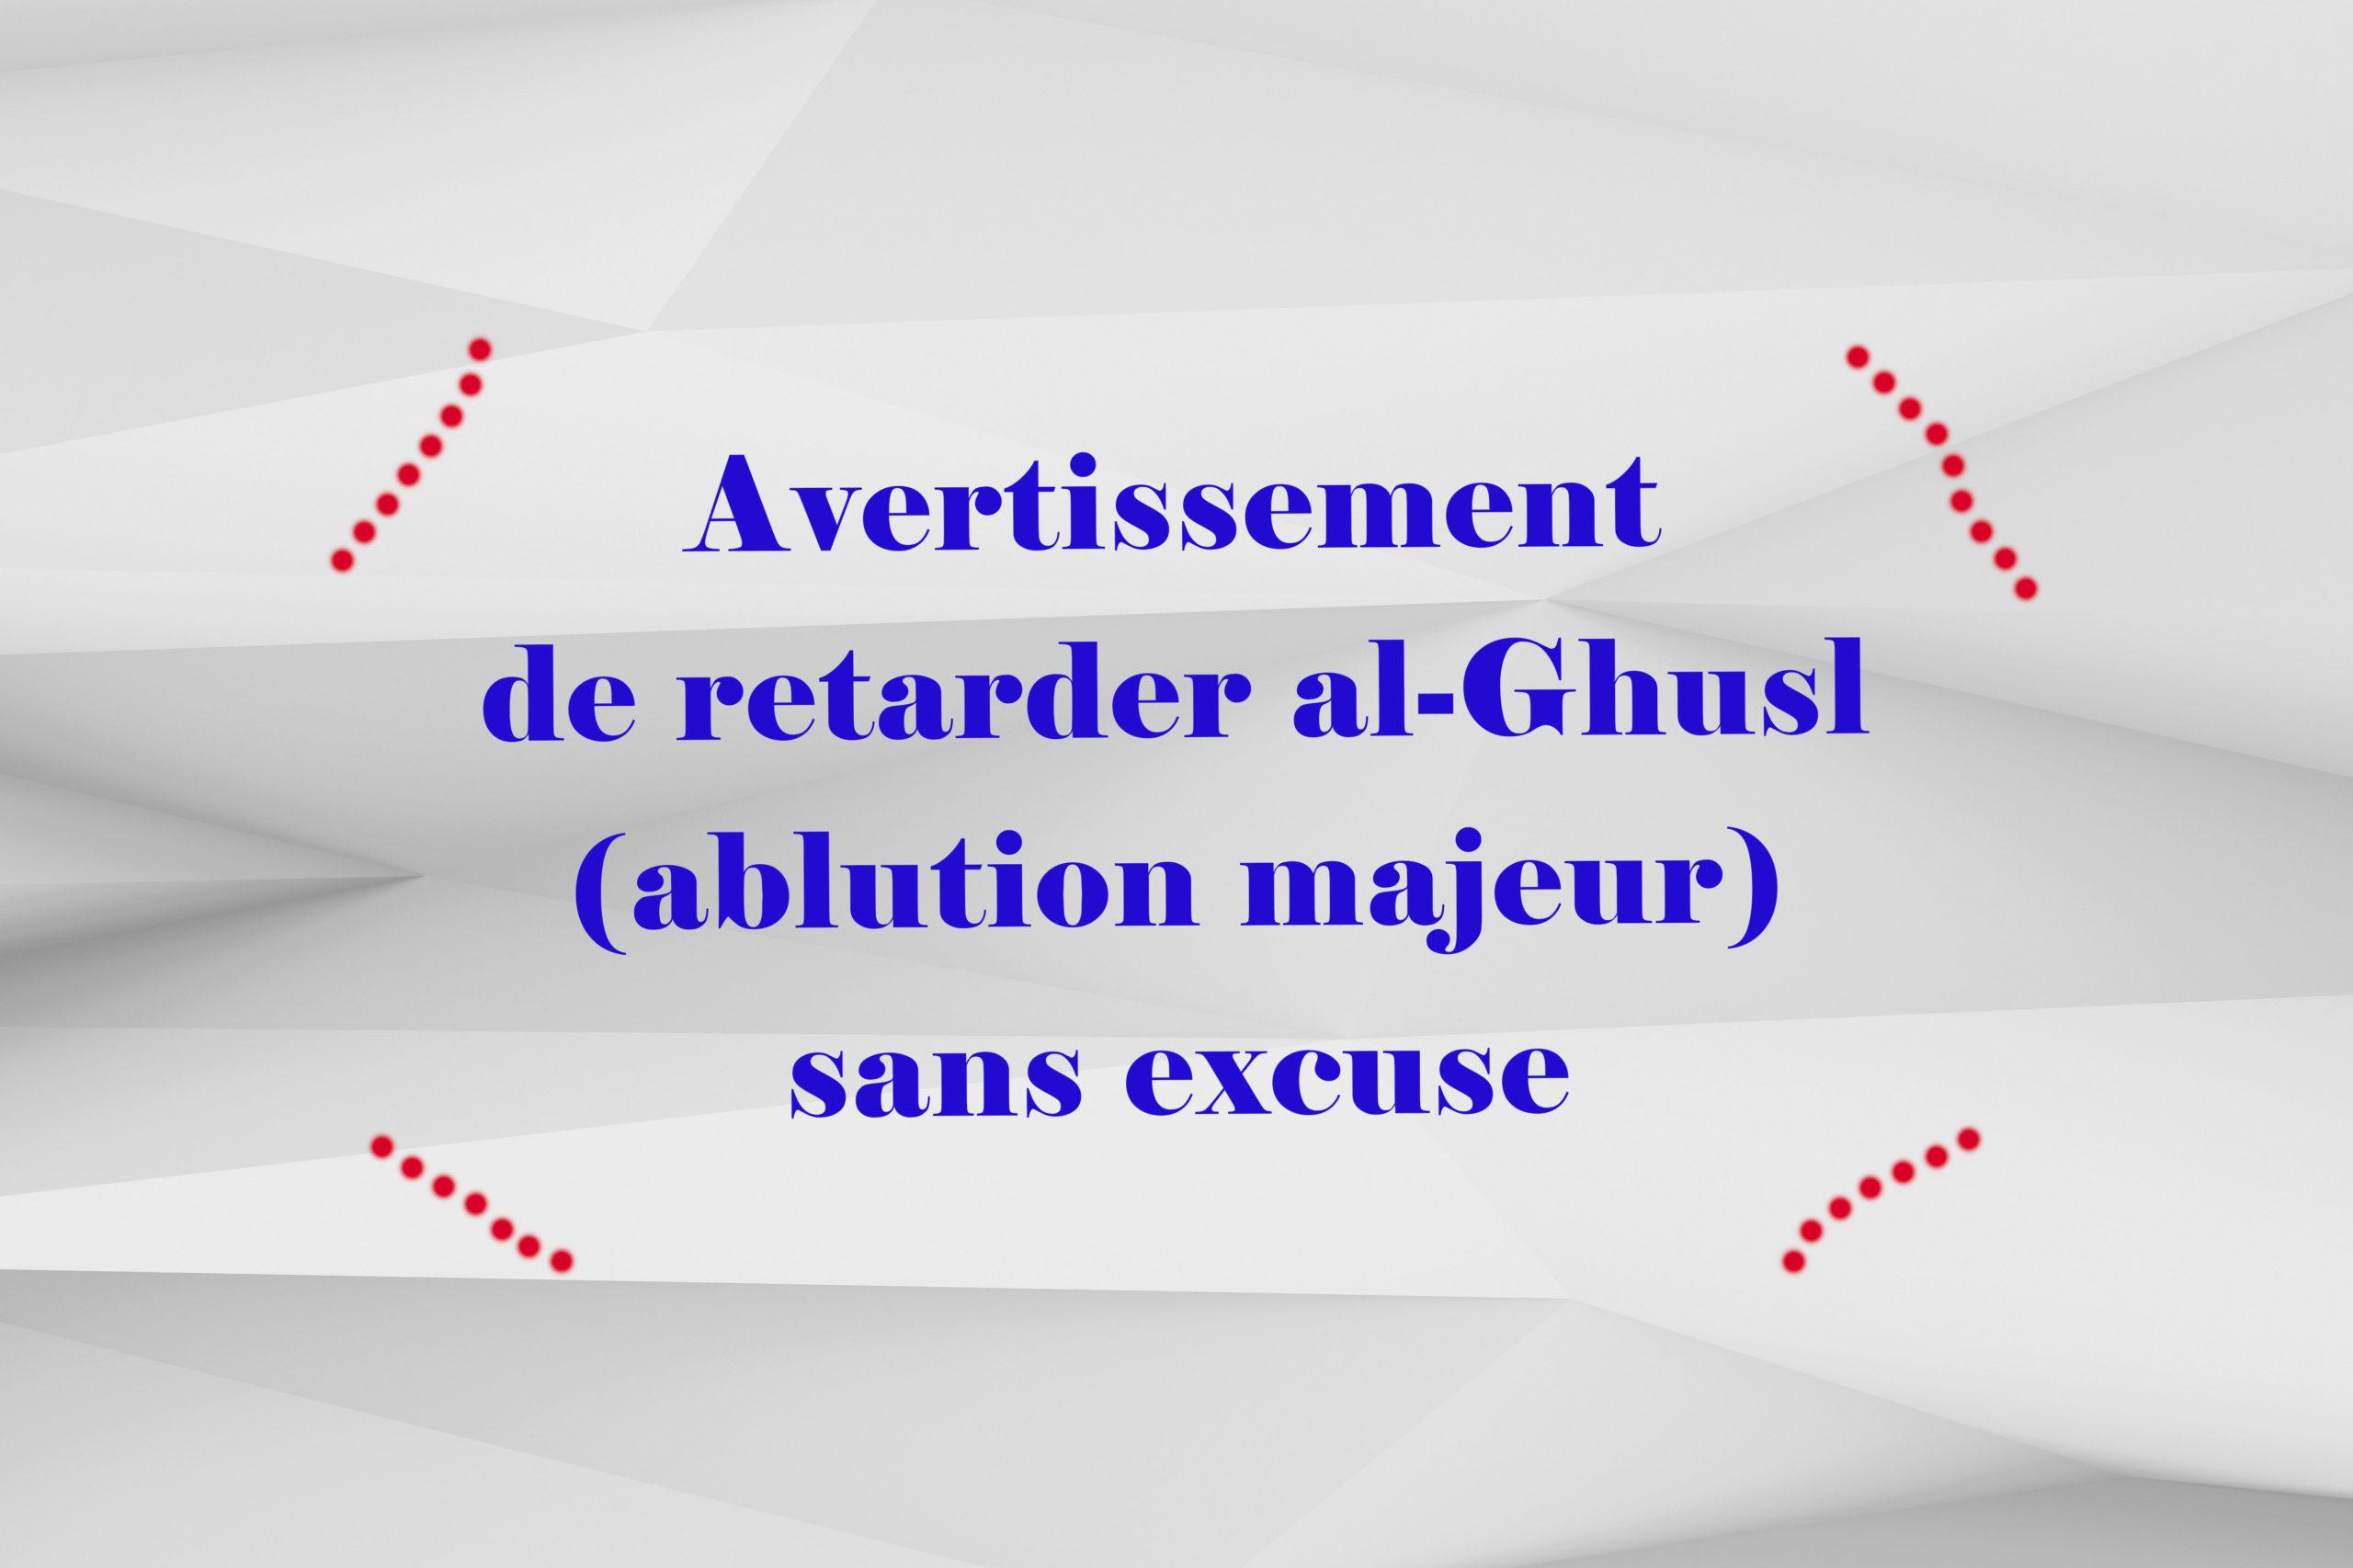 Avertissement de retarder al-Ghusl (ablution majeur) sans excuse